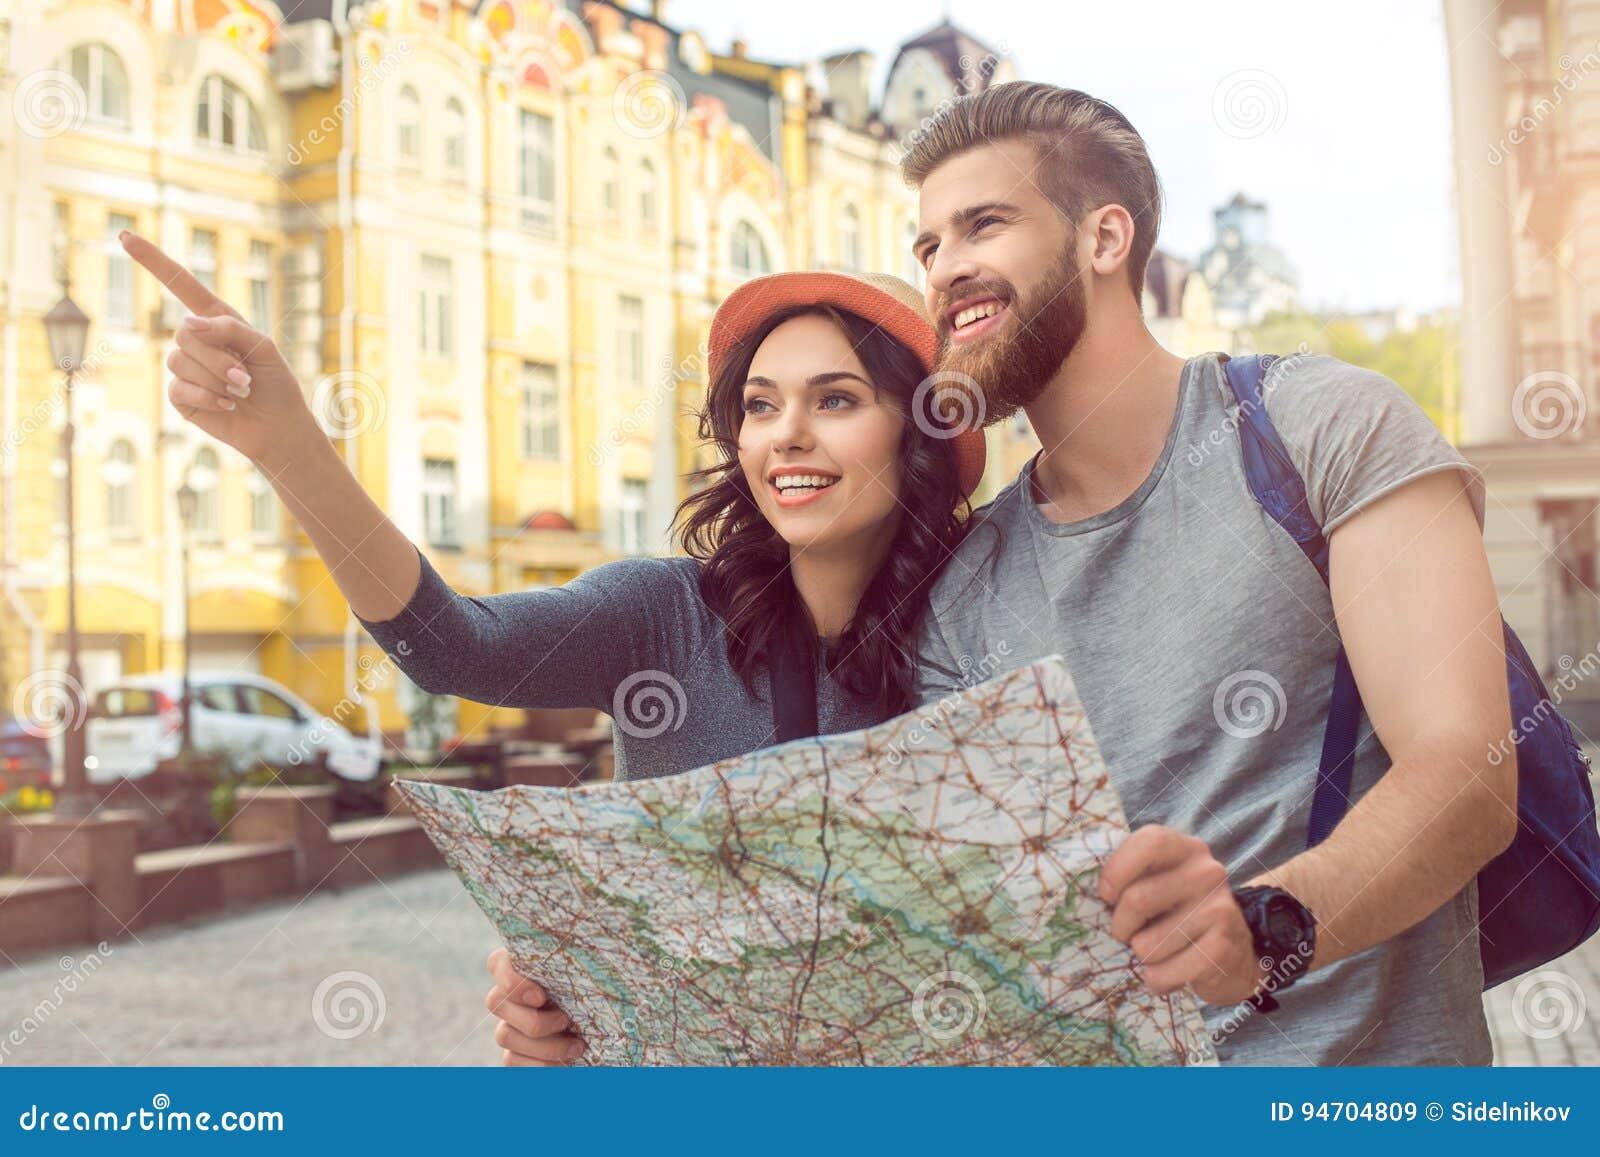 Dating Urlaub zusammen